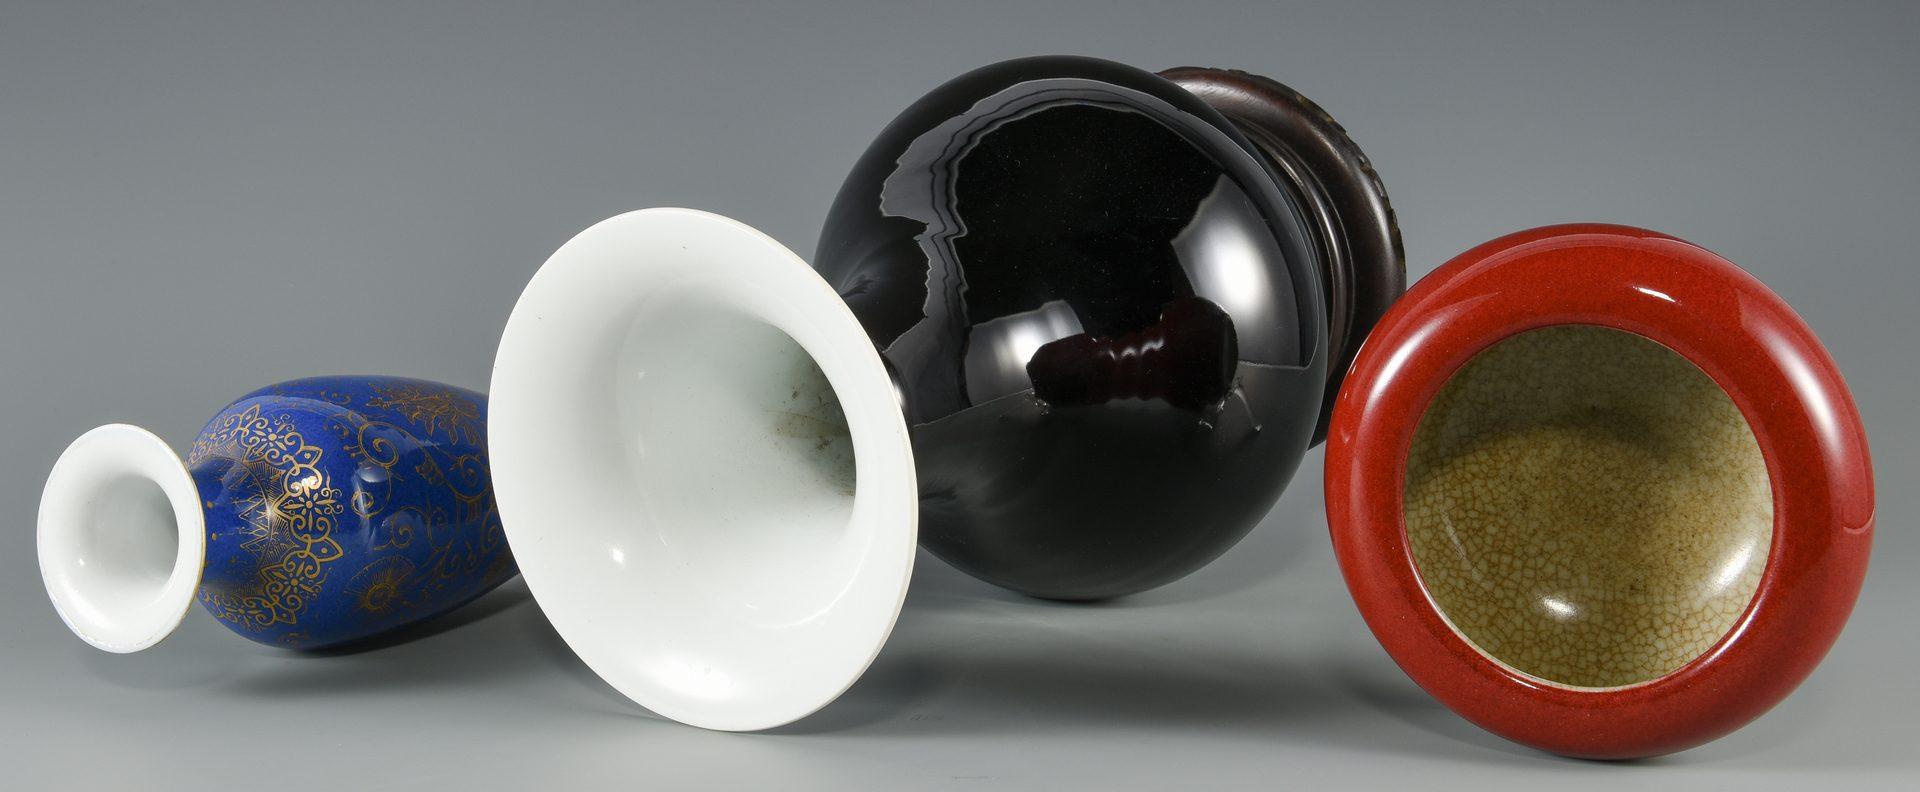 Lot 581: 3 Pcs. Chinese Porcelains – Vases, Brush Washer